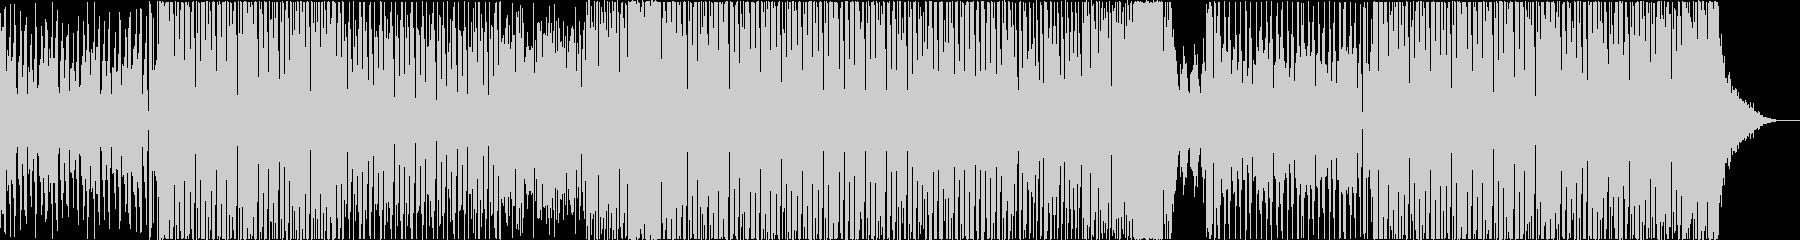 レゲトン ヒットチャート 楽しい 明るいの未再生の波形